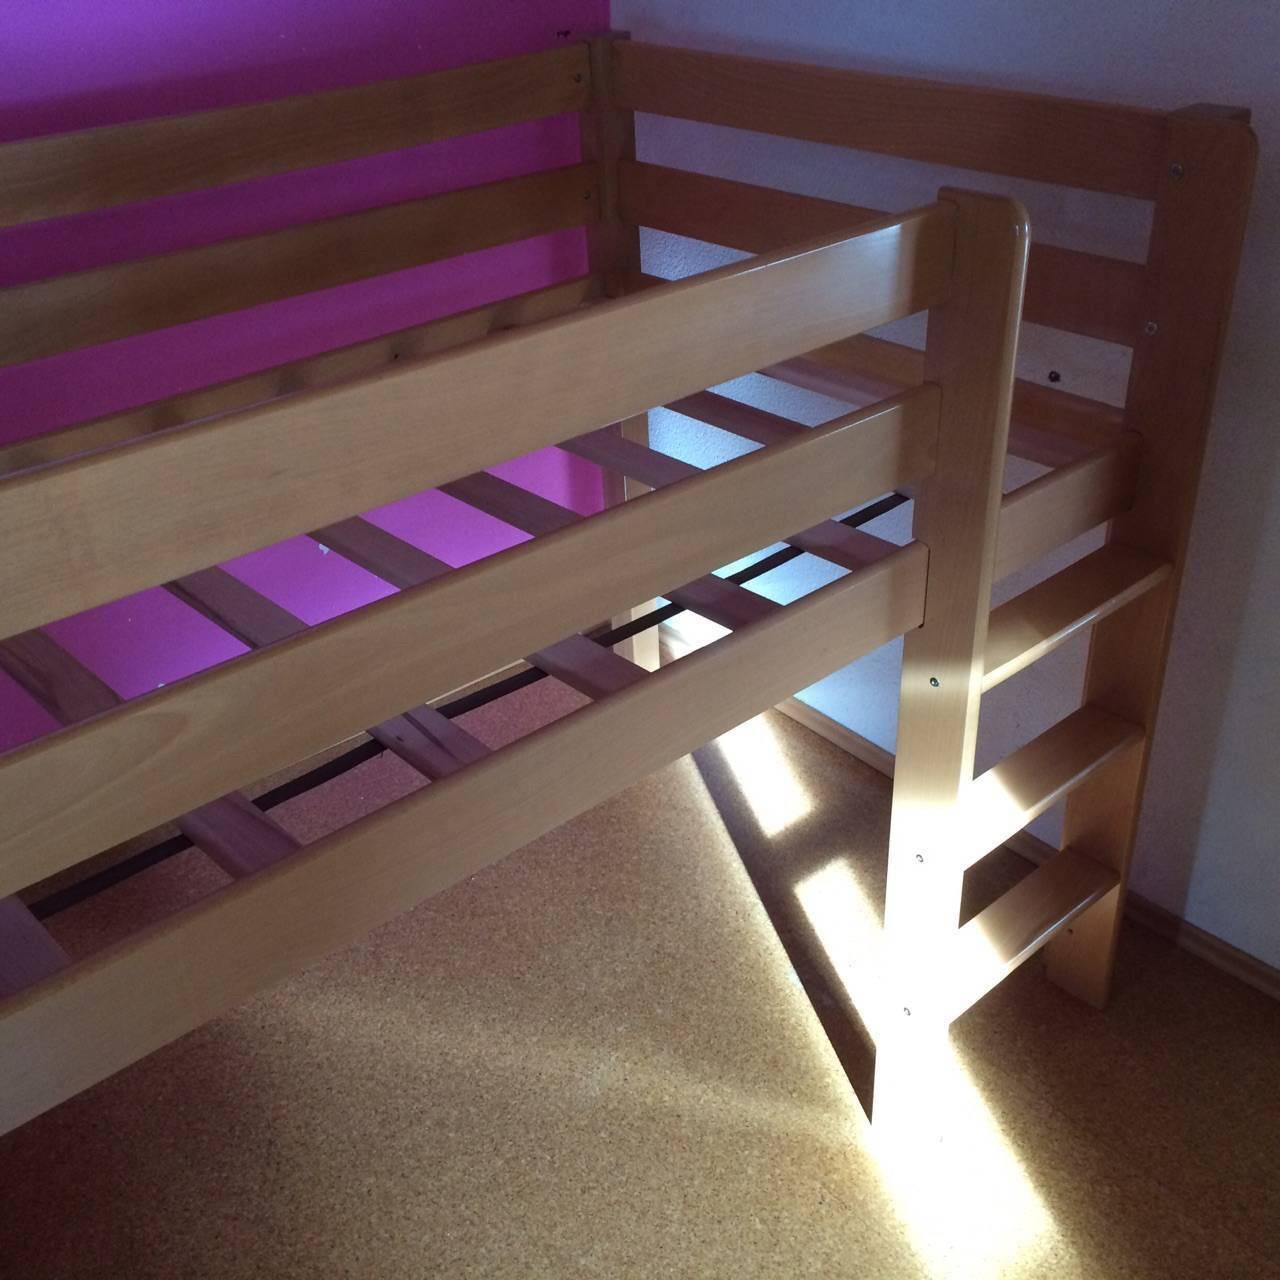 hochbett f r kinder. Black Bedroom Furniture Sets. Home Design Ideas